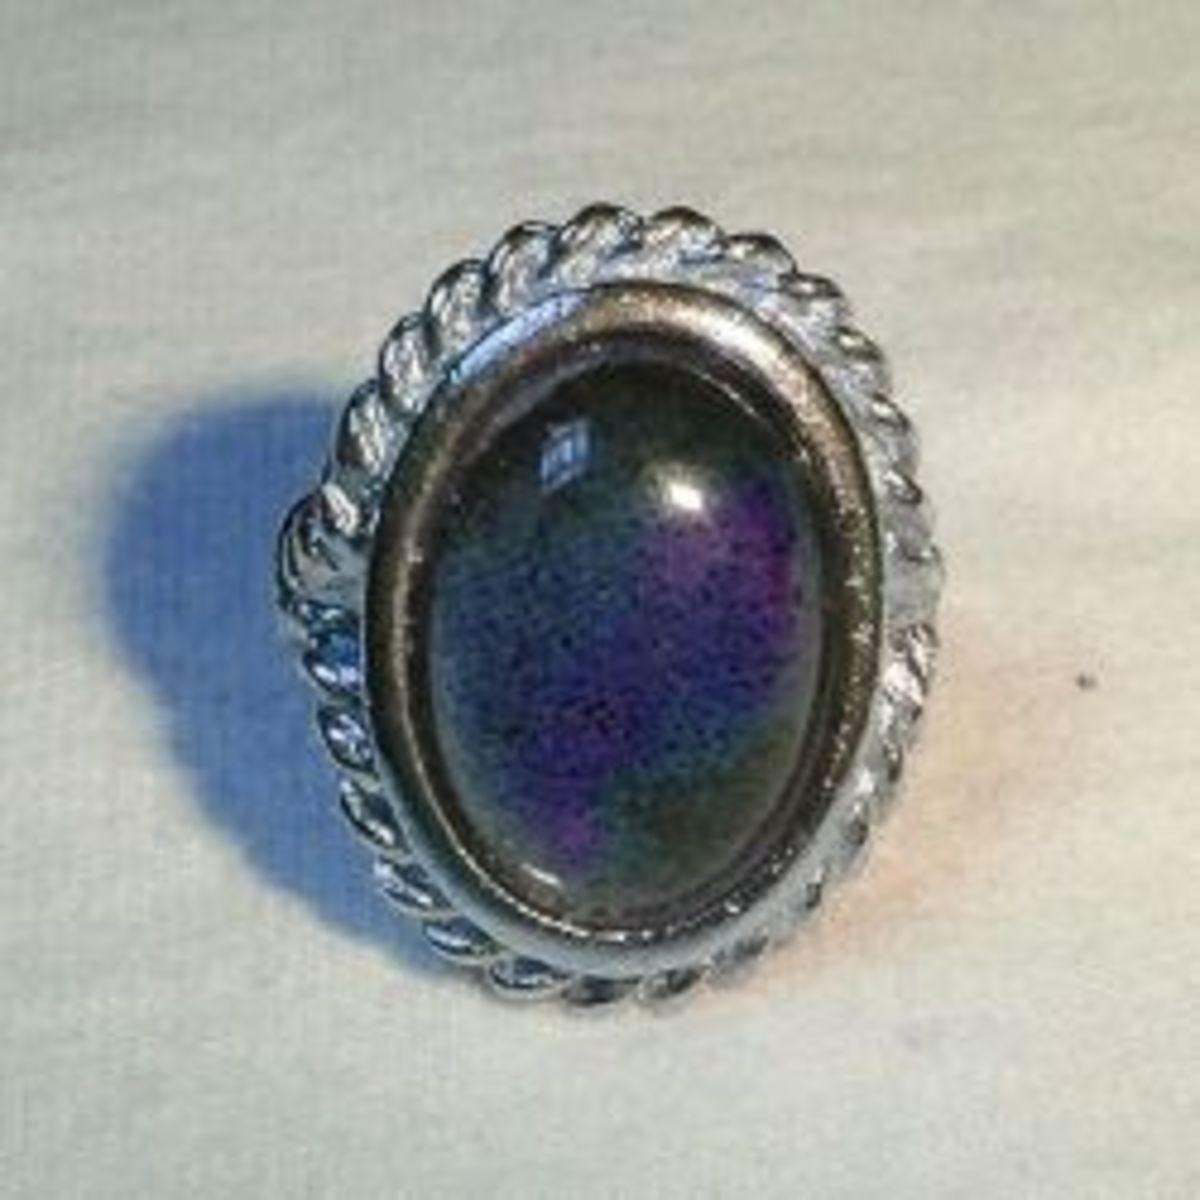 1970s Mood Ring (Alkivar)